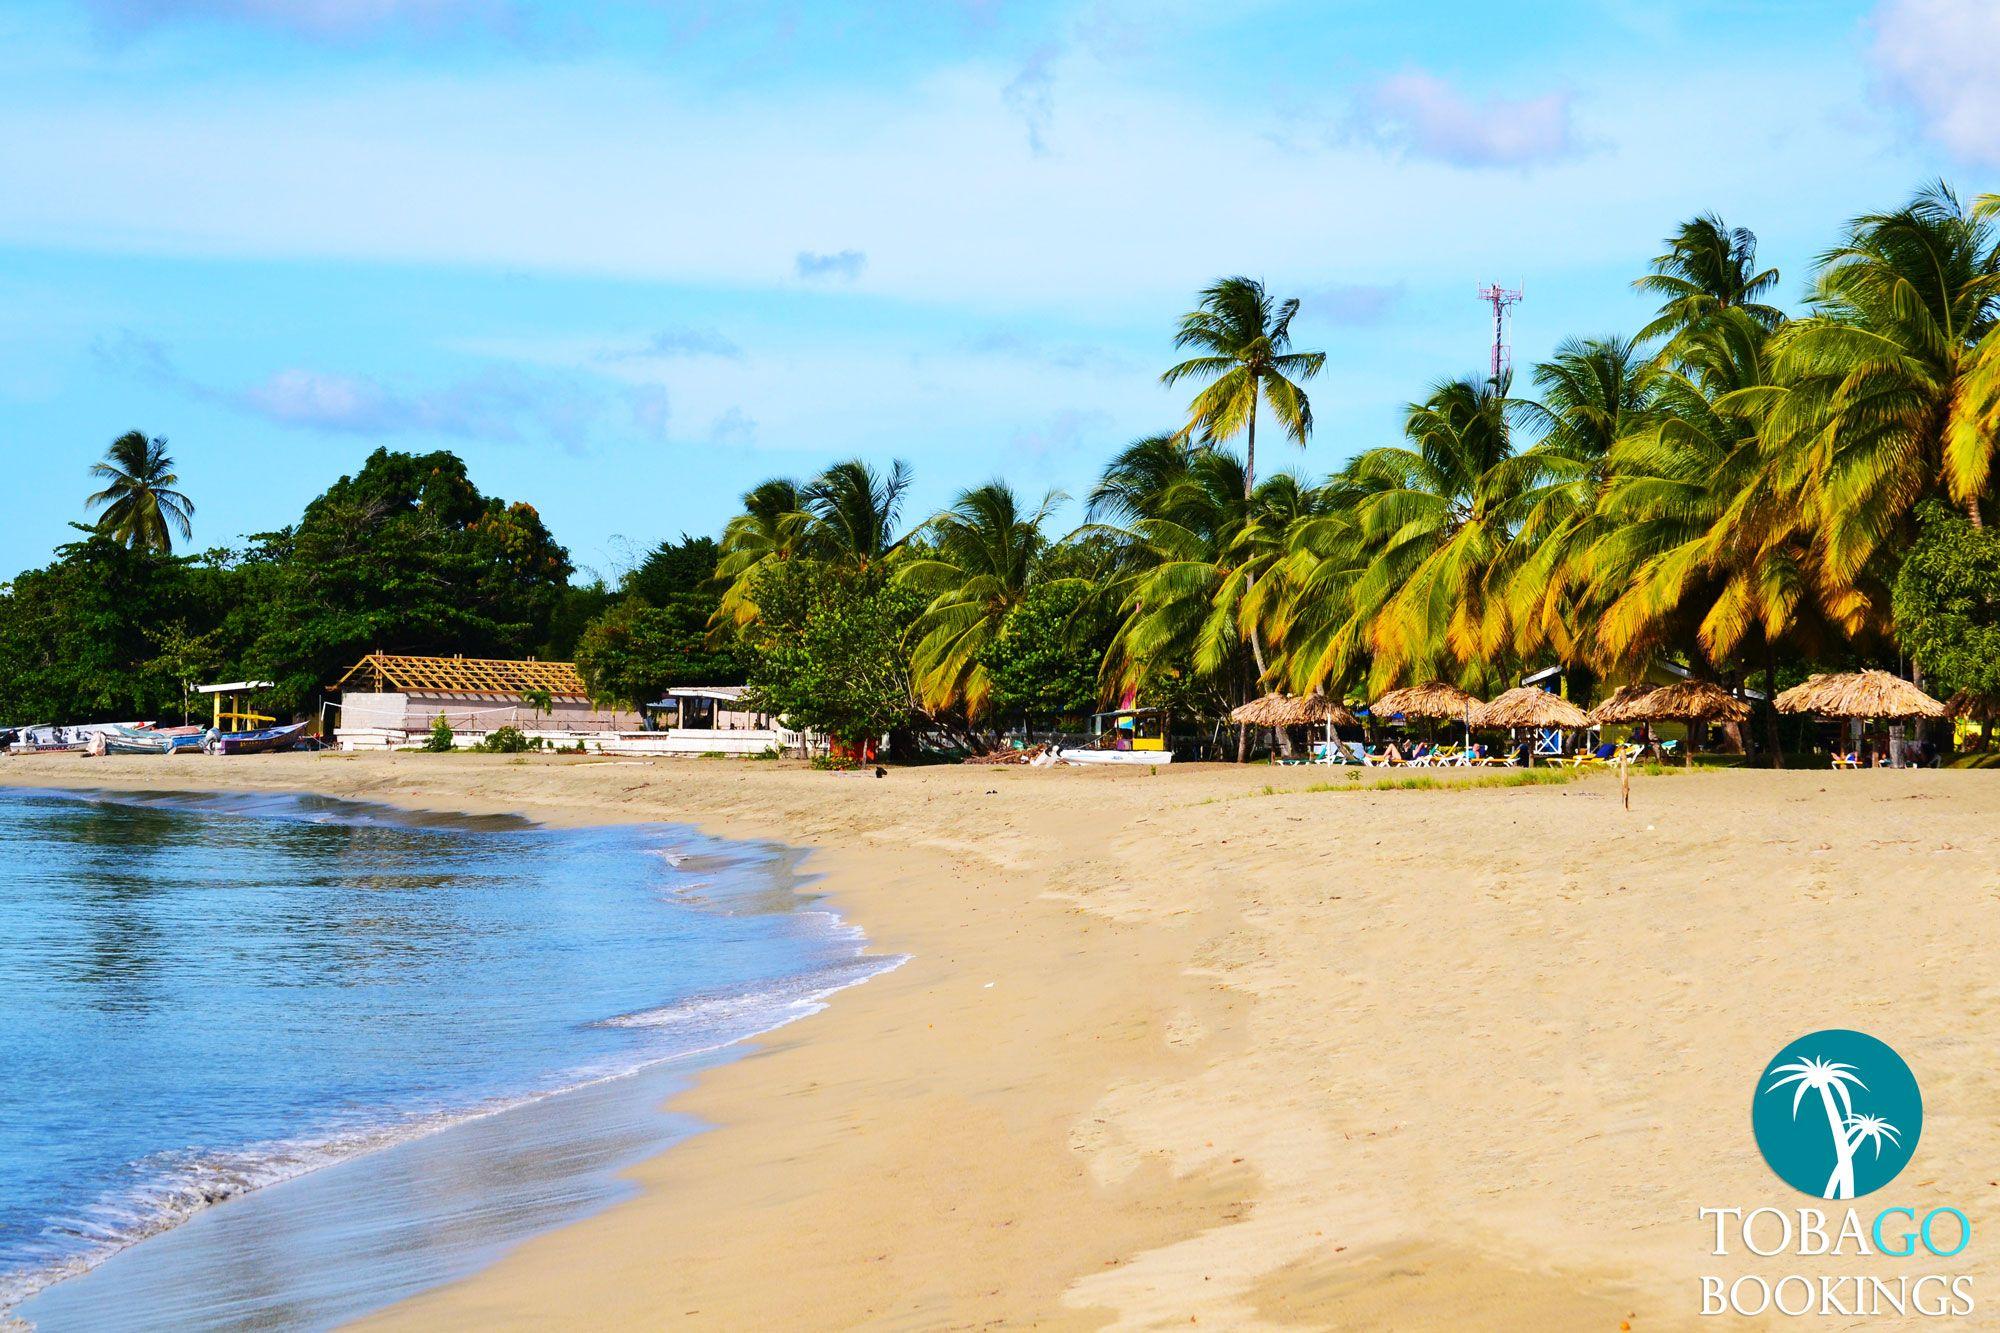 Turtle Beach Tobago Tobagobookings Trinidadandtobago